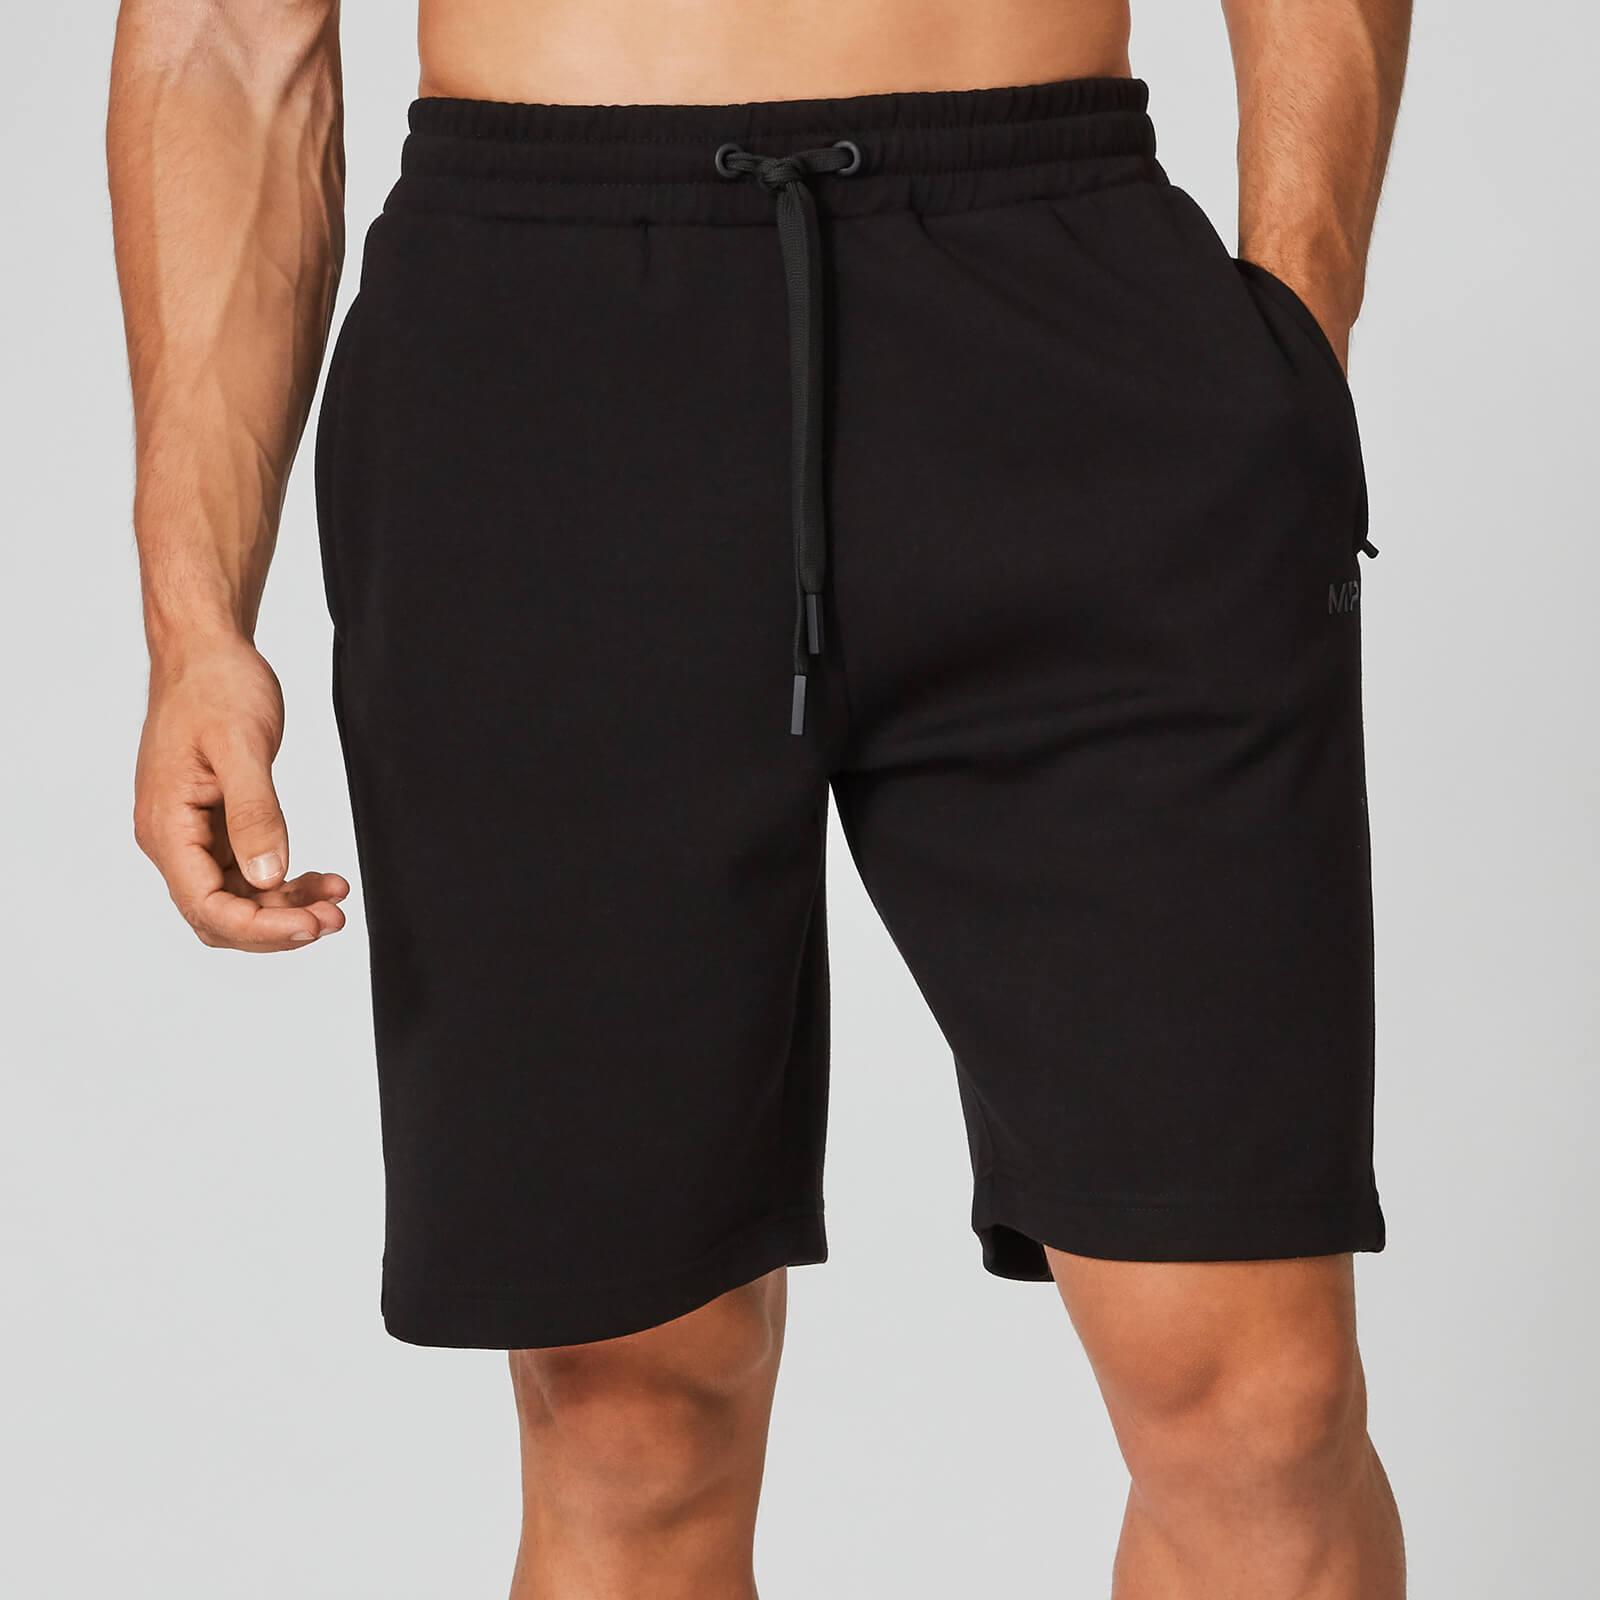 Myprotein MP Form Sweat Shorts - Black - XL